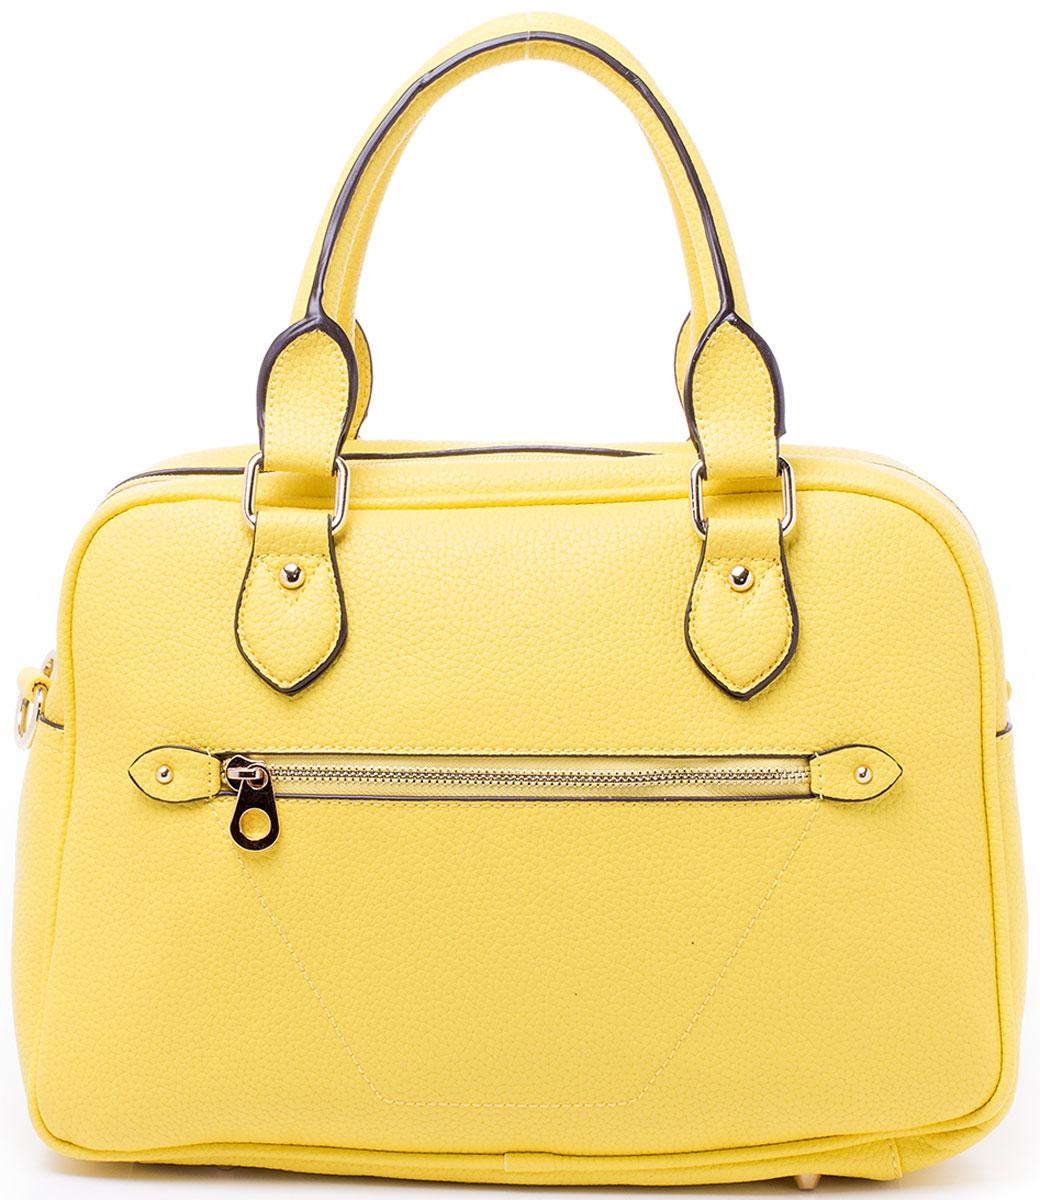 Сумка женская Baggini, цвет: желтый. 29699/8229699/82Сумка женская Baggini исполнена из экокожи. Имеет два наружных кармана - один спереди, другой сзади, оба закрываются на застежку-молнию. Внутри вместительного отделения сумки находятся два накладных кармашка для телефона или мелочей, один прорезной карман на молнии, один карман-разделитель так же на молнии, позади которого находится еще один накладной карман. Изделие имеет две удобные ручки для переноски и к сумке прилагается отстежной регулируемый плечевой ремень. Днище сумки защищено от повреждений и протирания фурнитурными пуклями.